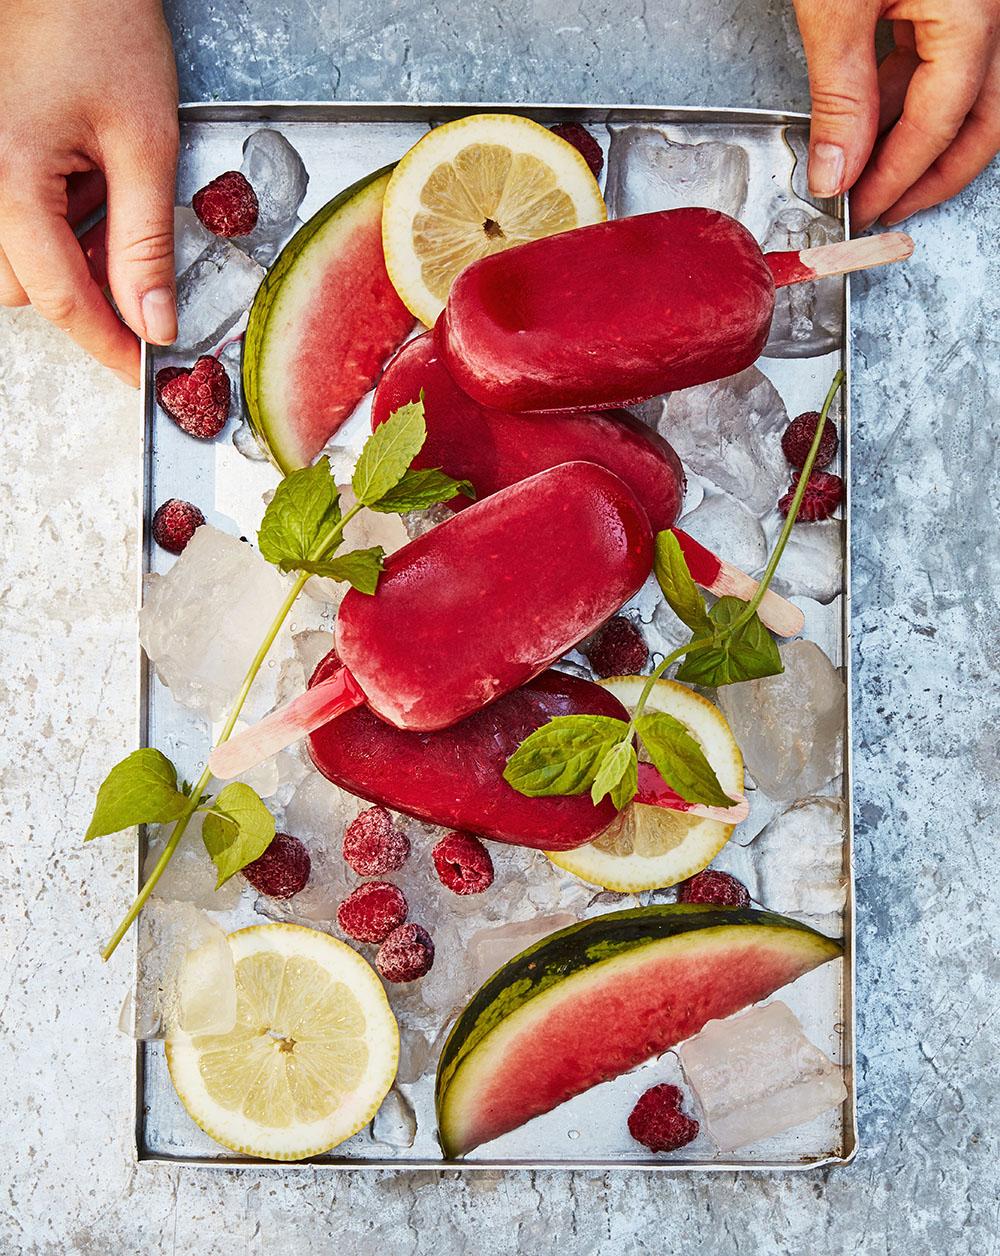 Recept & Styling för Allt om mat. Foto: Lennart Weibull